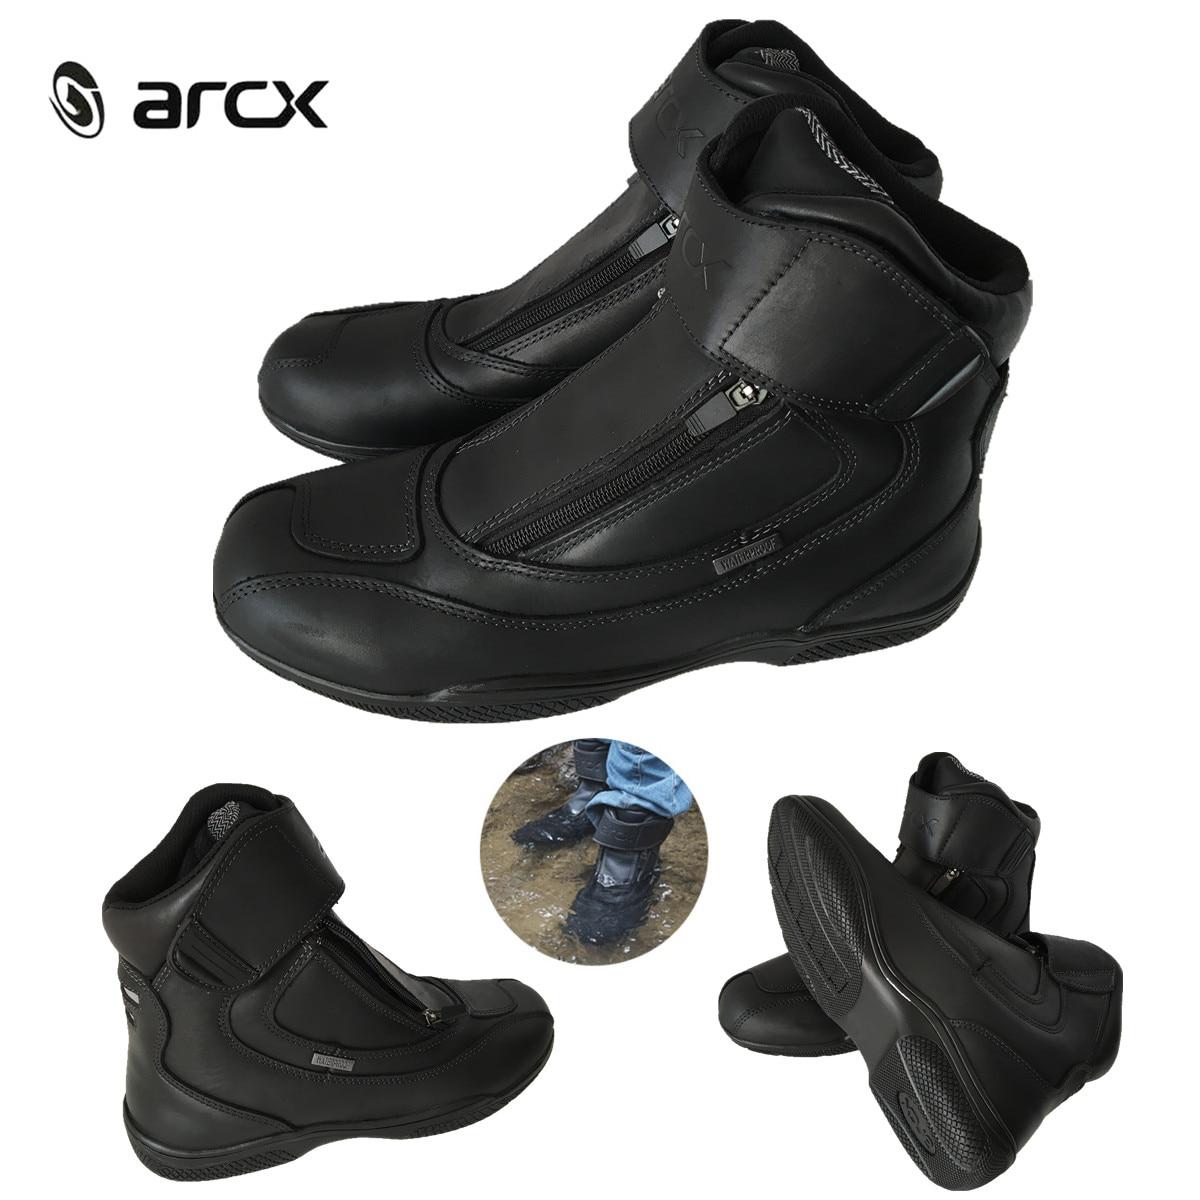 ARCX Motorrad Stiefel Aus Echtem Leder Wasserdicht Straße Moto Racing Ankle Boot Motorrad Cruiser Touring Reiten Lokomotive Schuhe